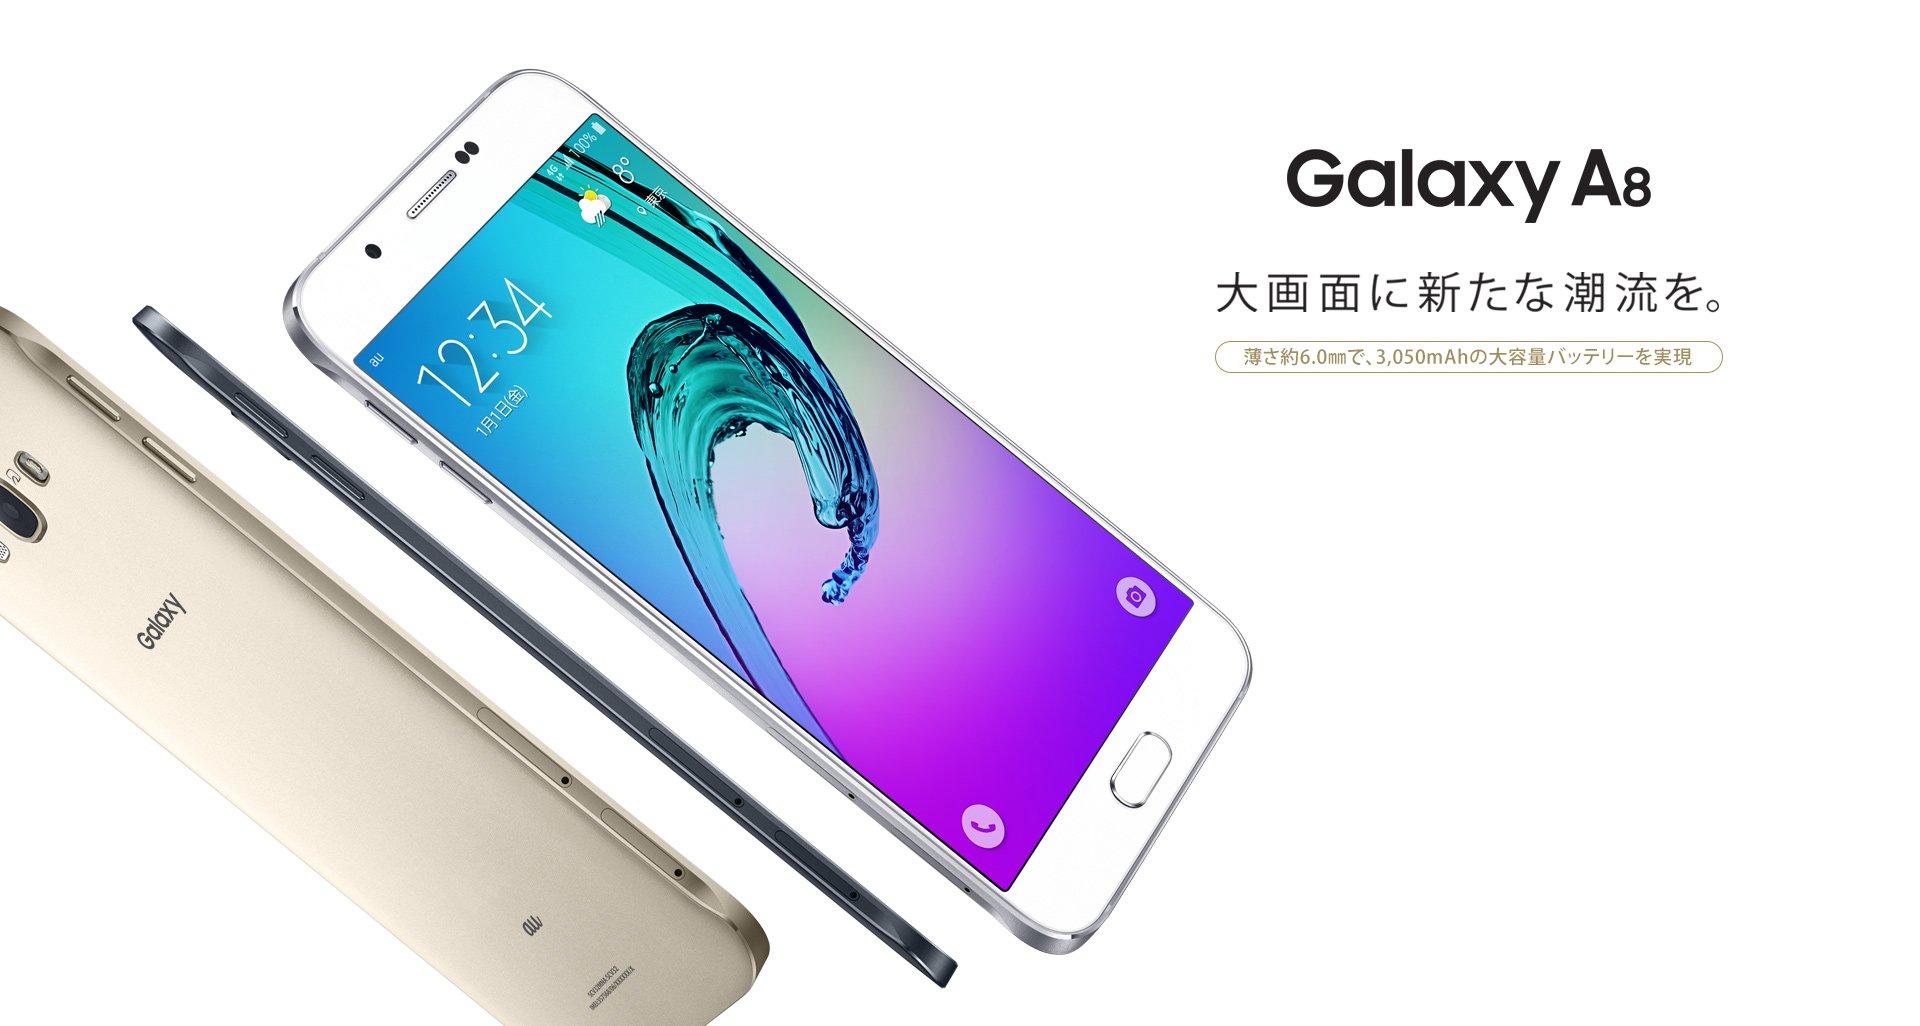 Lekko odświeżony Samsung Galaxy A8 trafił do Japonii 19